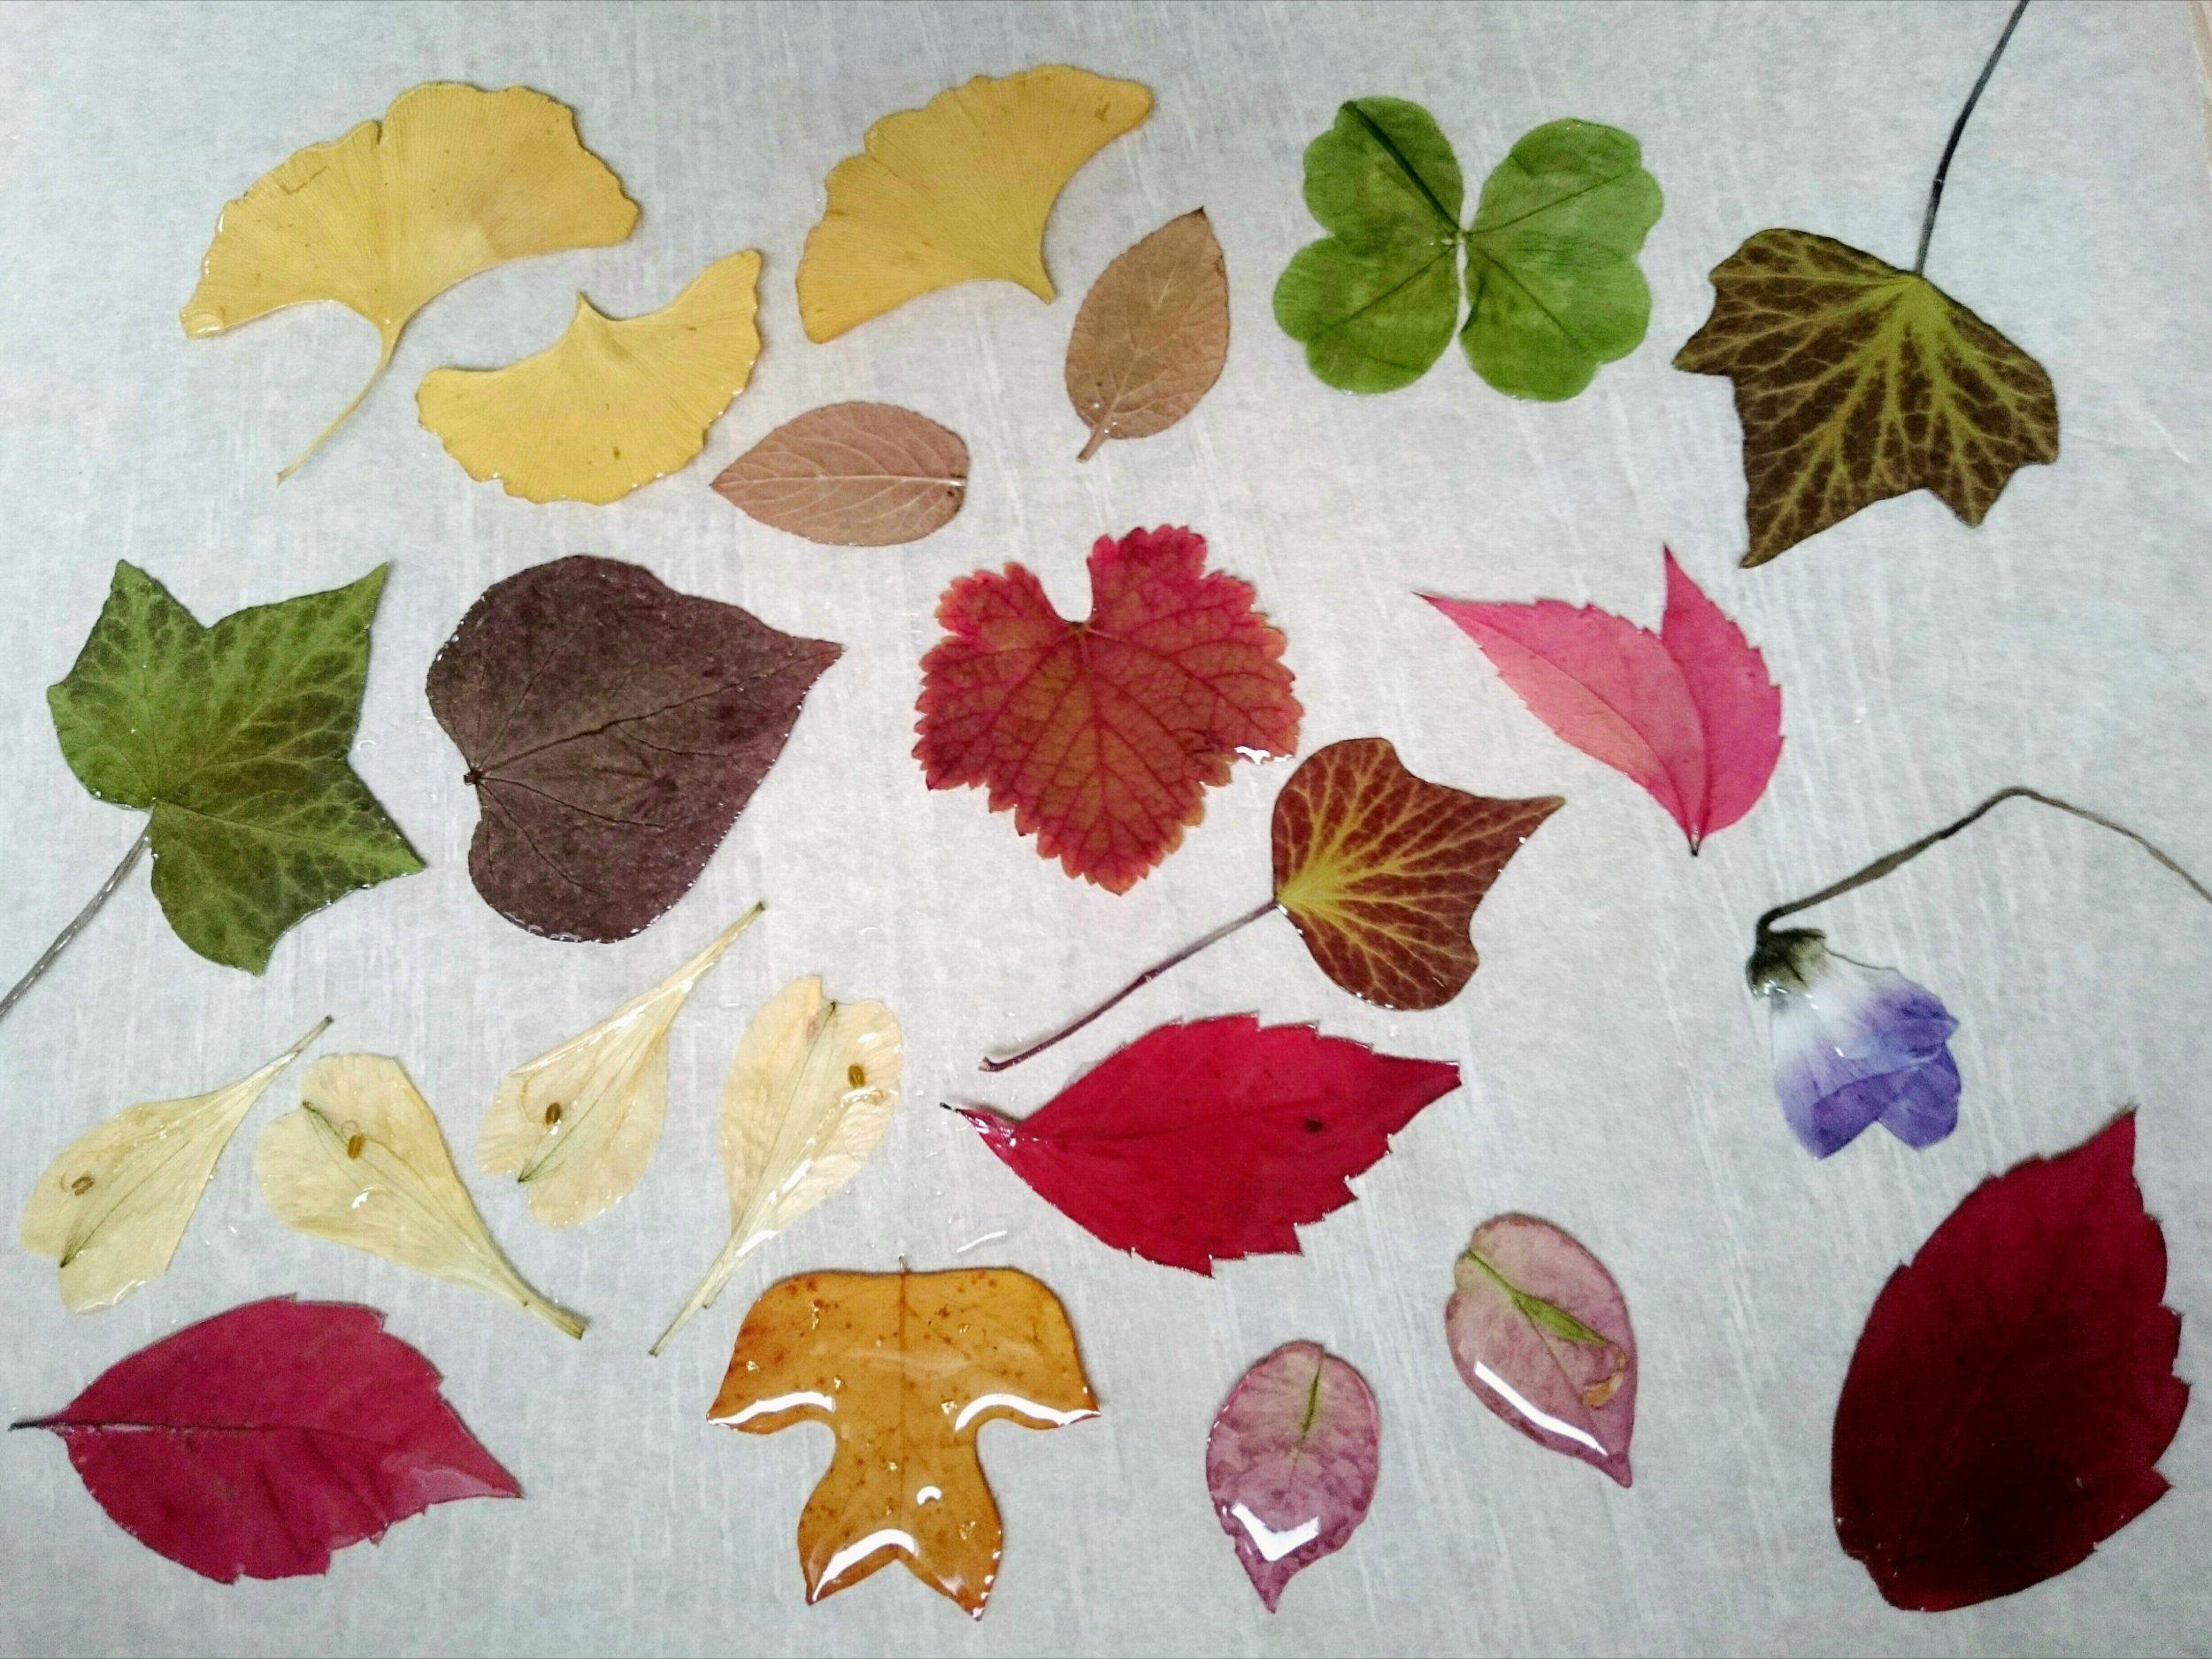 végétaux pendant les étapes de résinage : vigne, feuille coeur, lierre, ginkgo, tulip tree, orchidée, alstroméria, treffle à quatre feuilles...